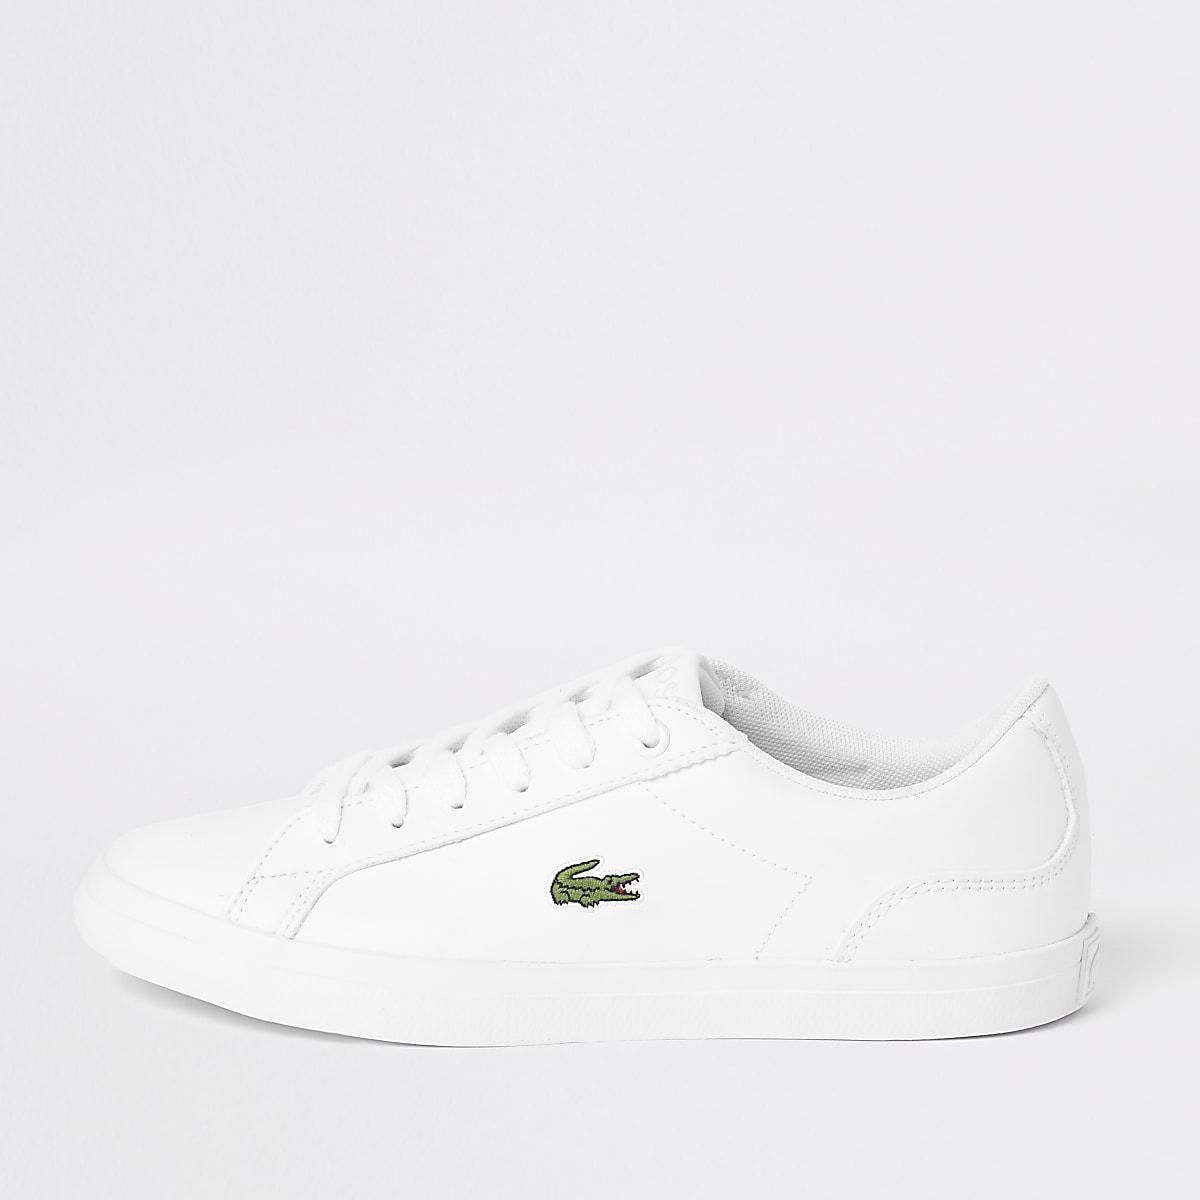 Lacoste - Witte vetersneakers voor kinderen